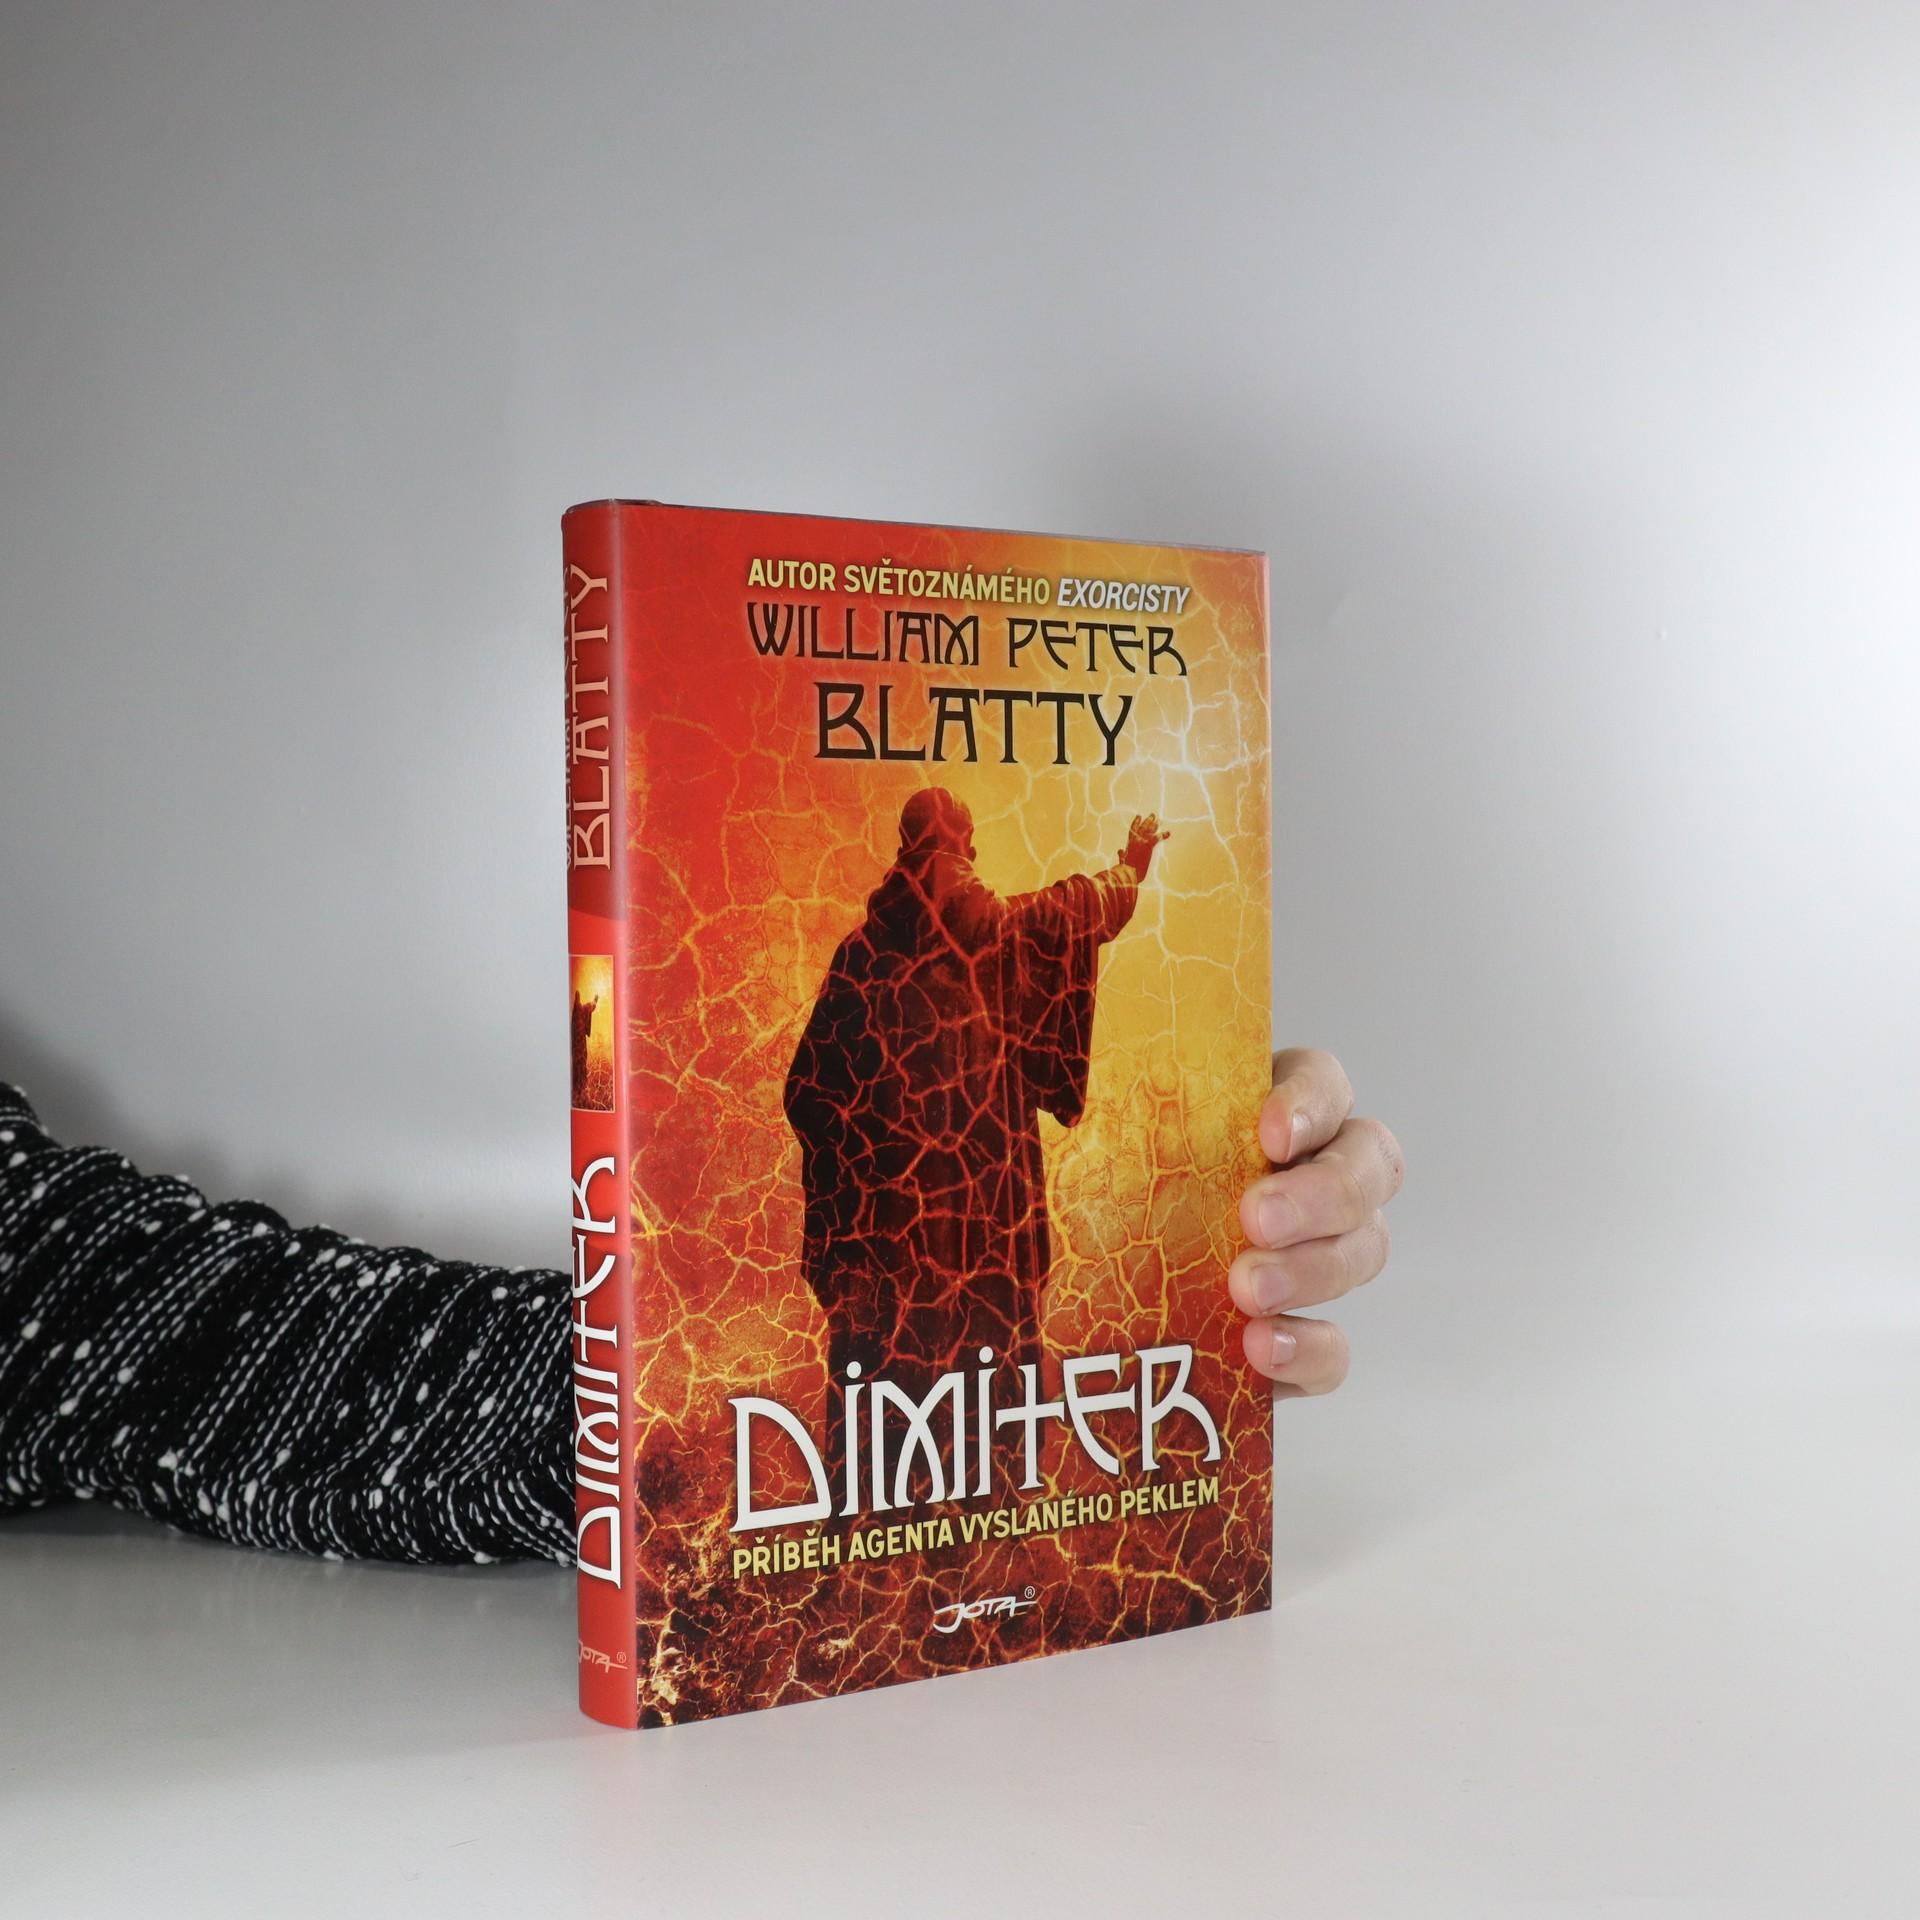 antikvární kniha Dimiter : příběh agenta vyslaného peklem, 2011